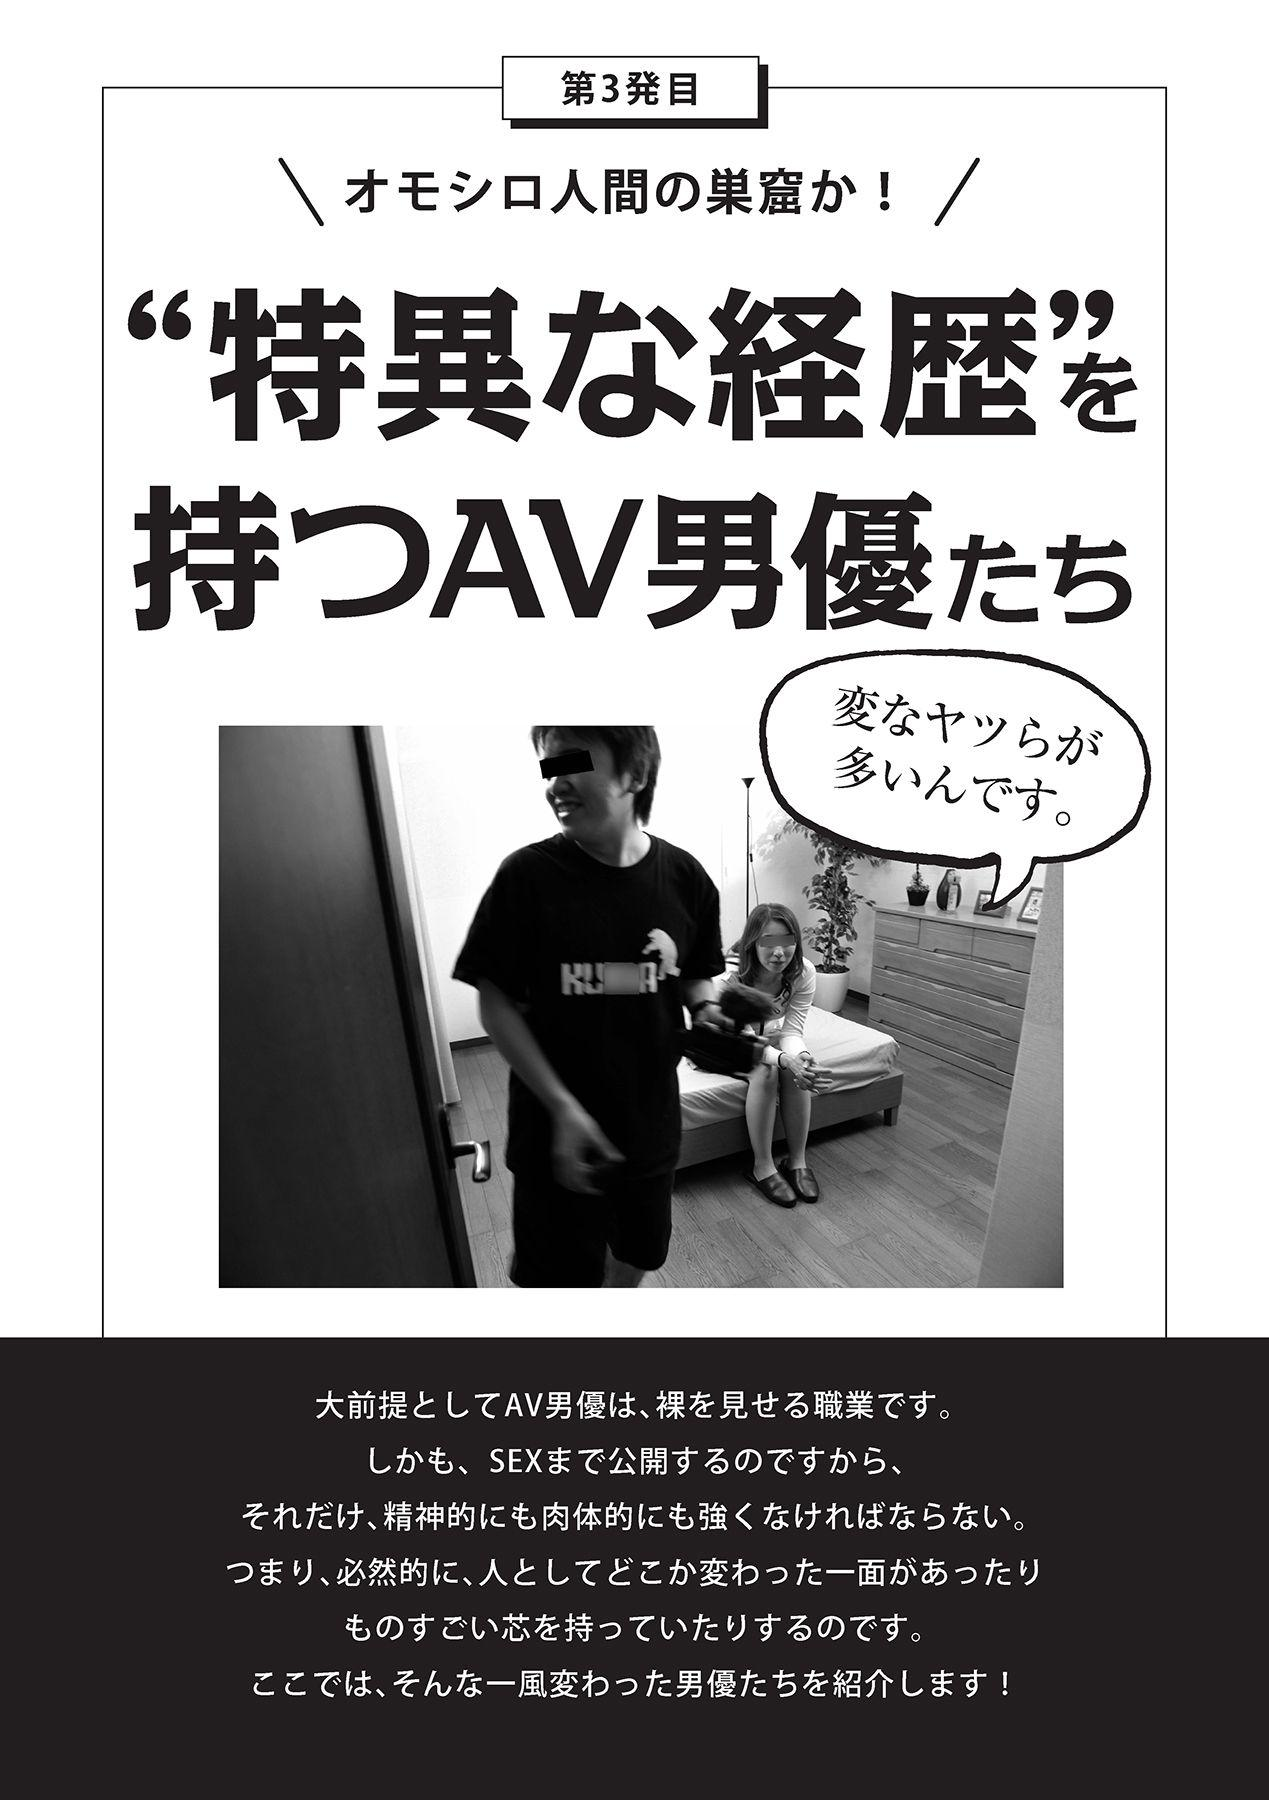 AV男優になろう! イラスト版 ヤリすぎッ! 58